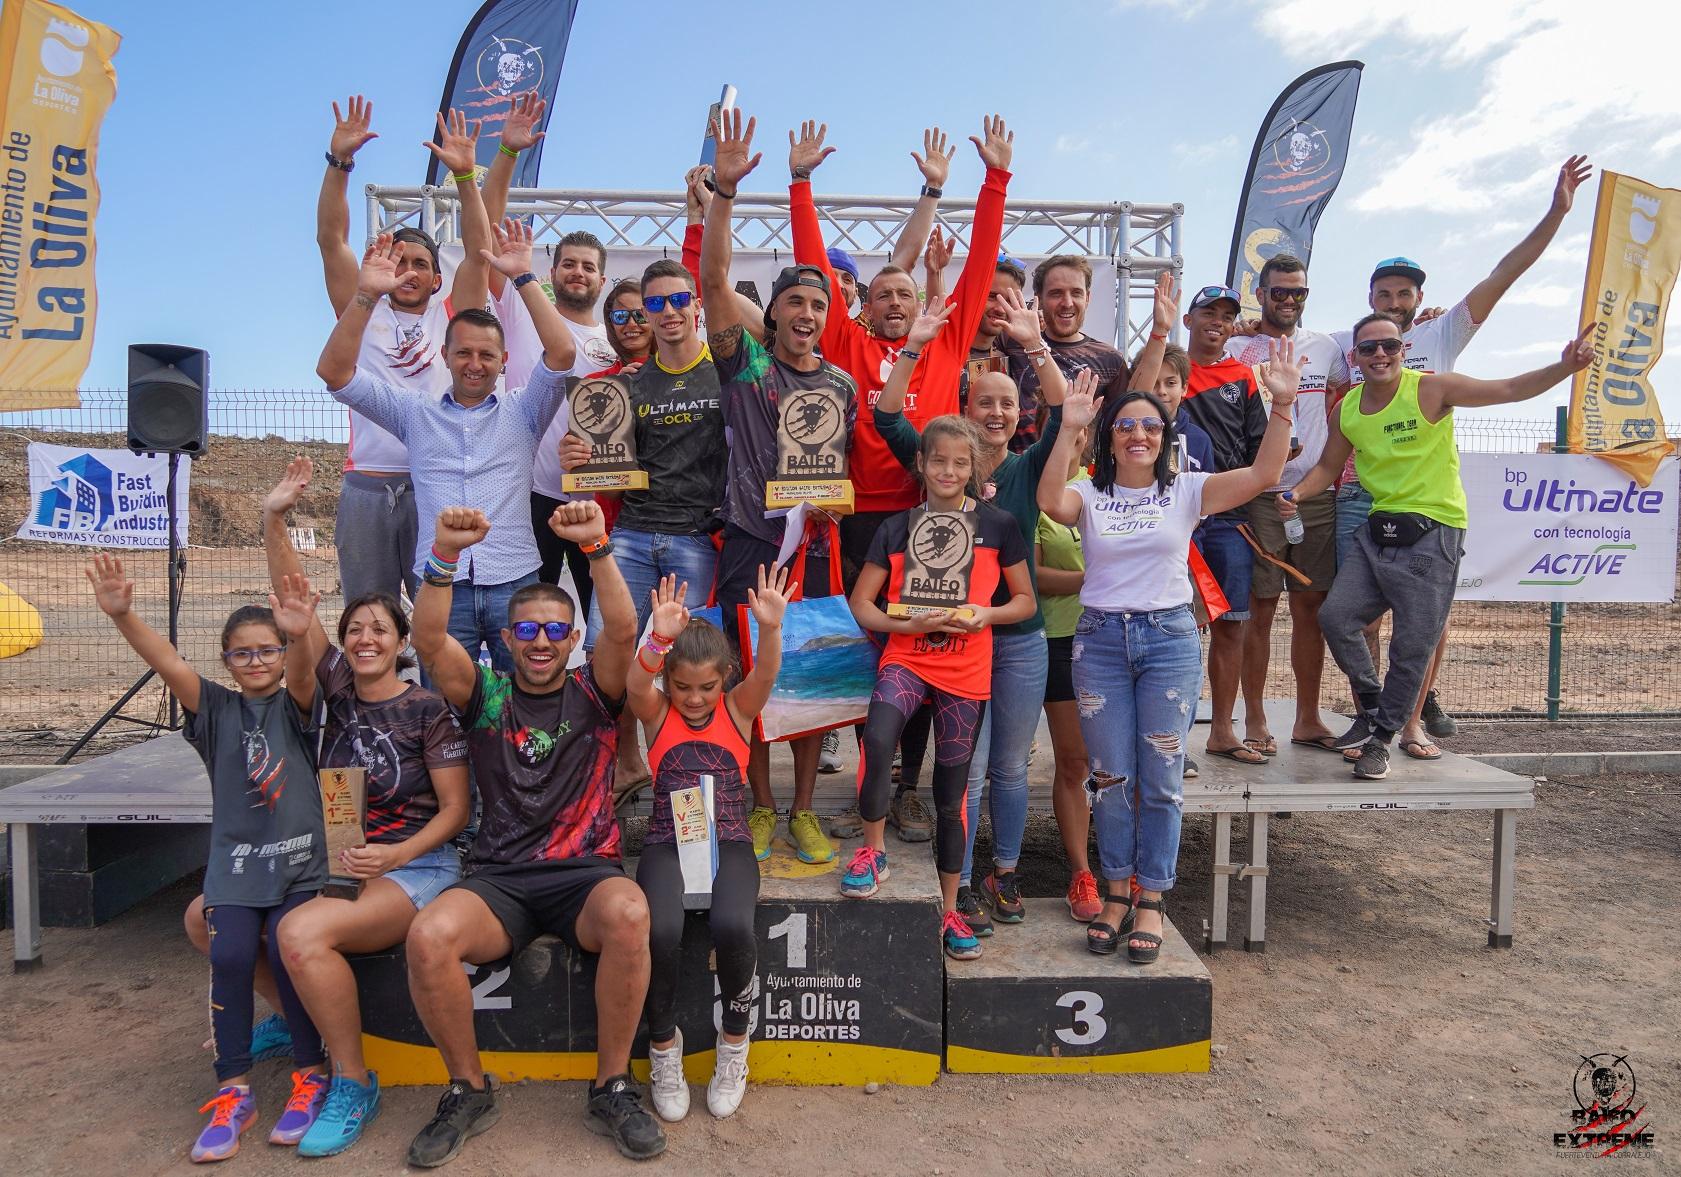 Éxito de organización, participación y público en la Baifo Extreme 2019